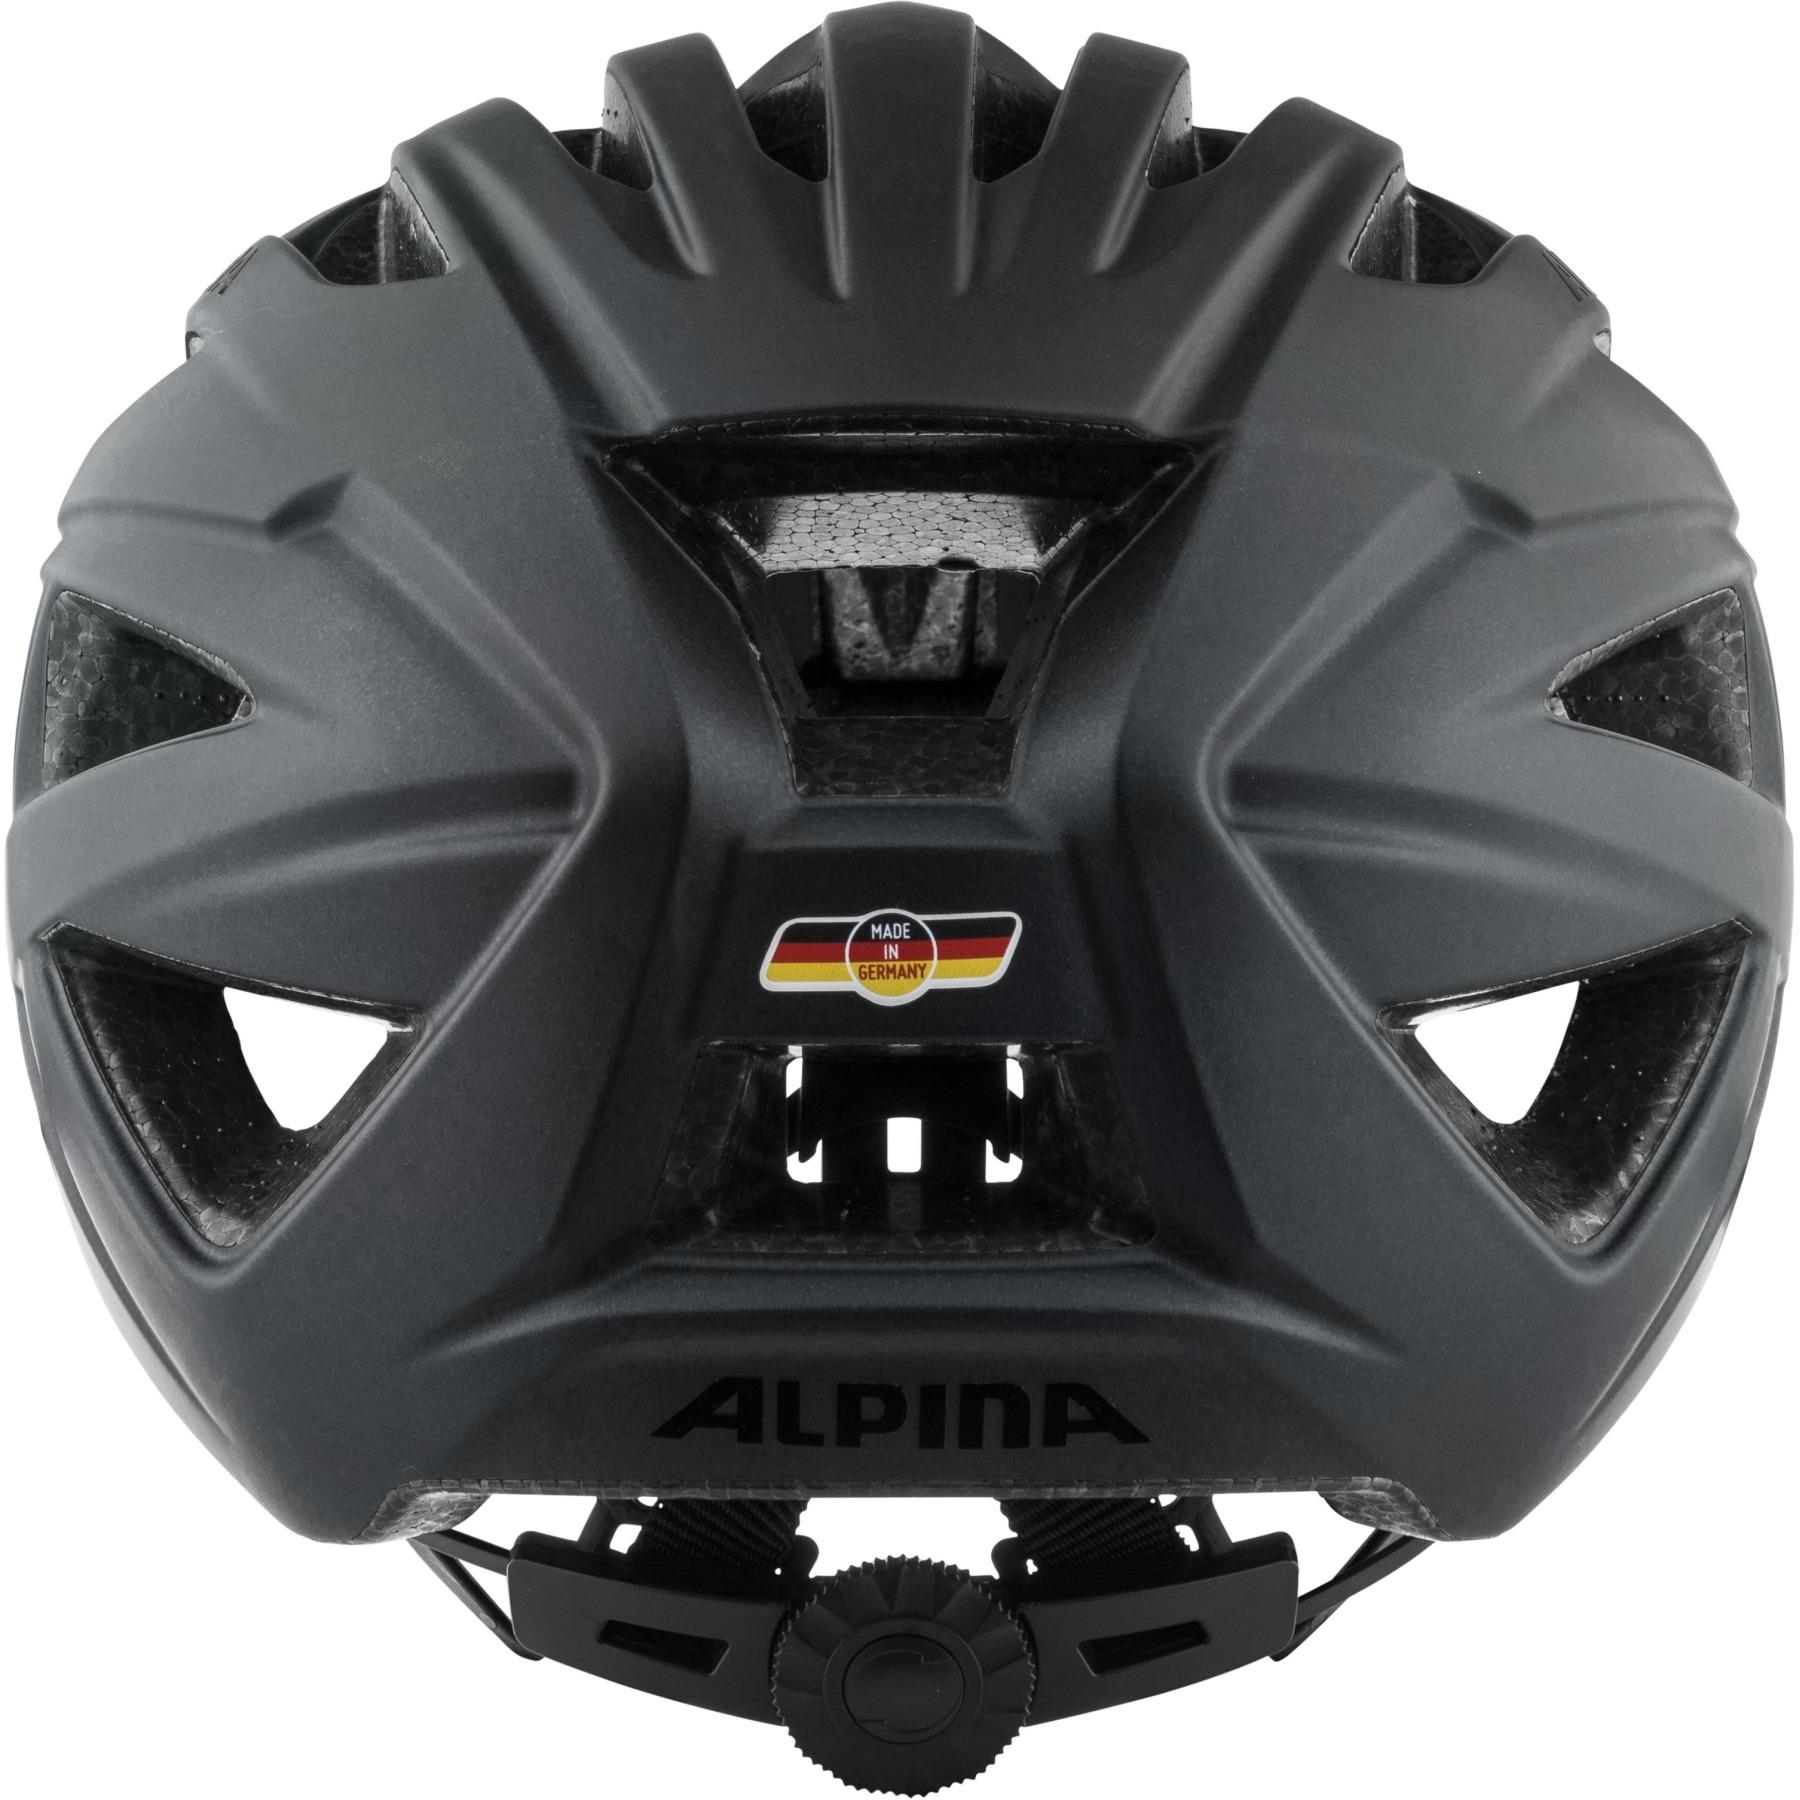 Image of Alpina Parana Helmet - black matt